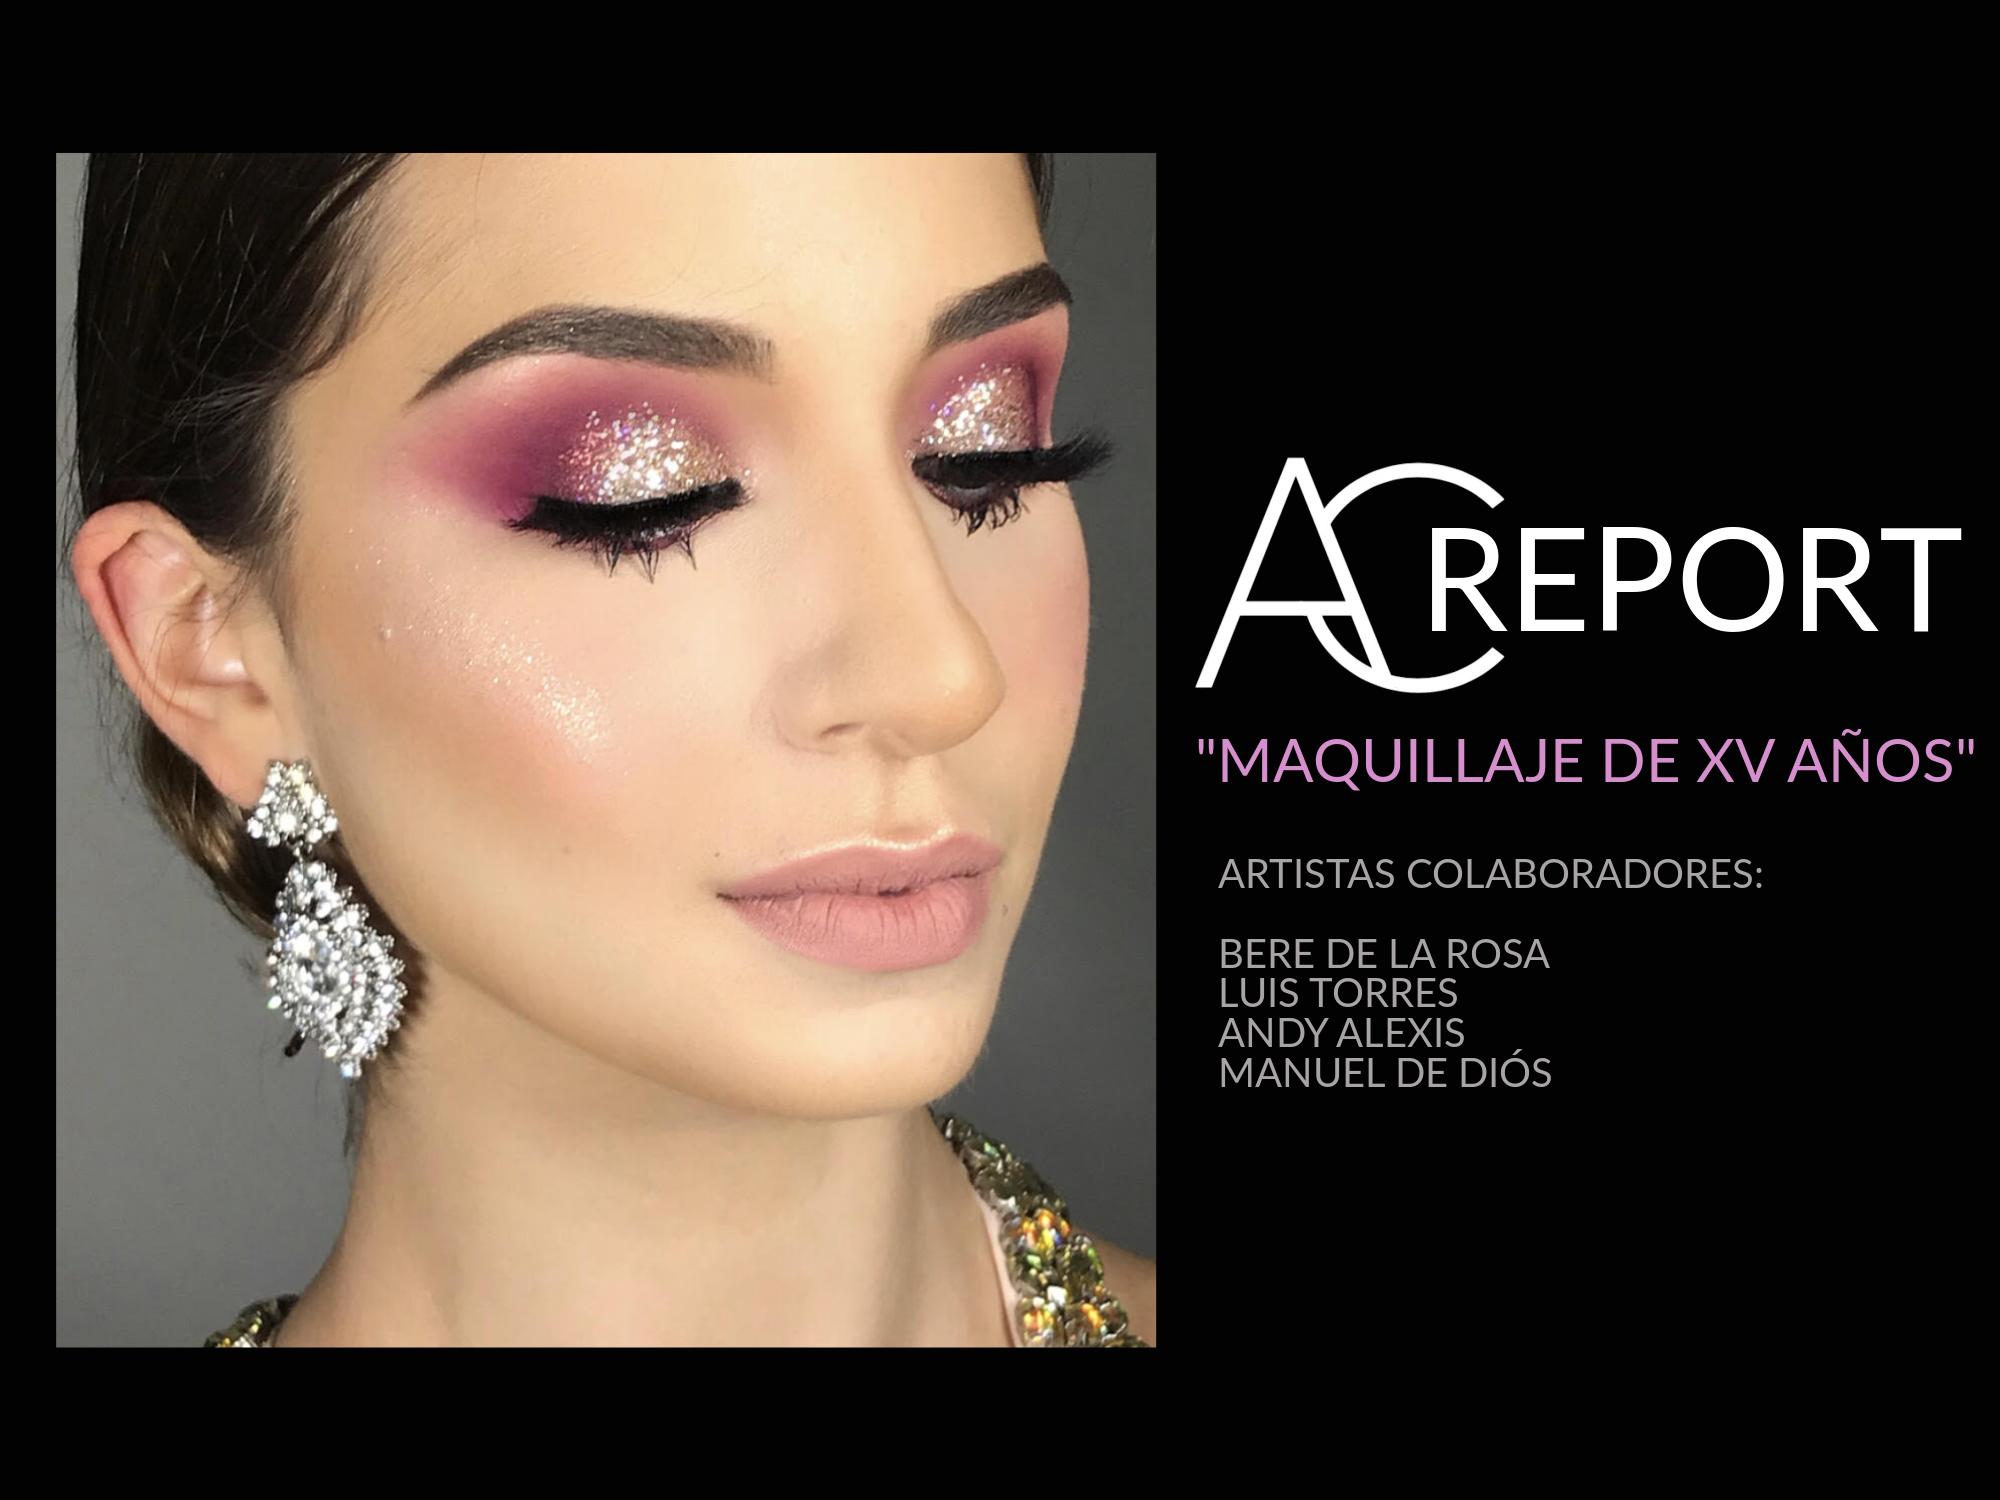 AC REPORT: Maquillaje de XV años